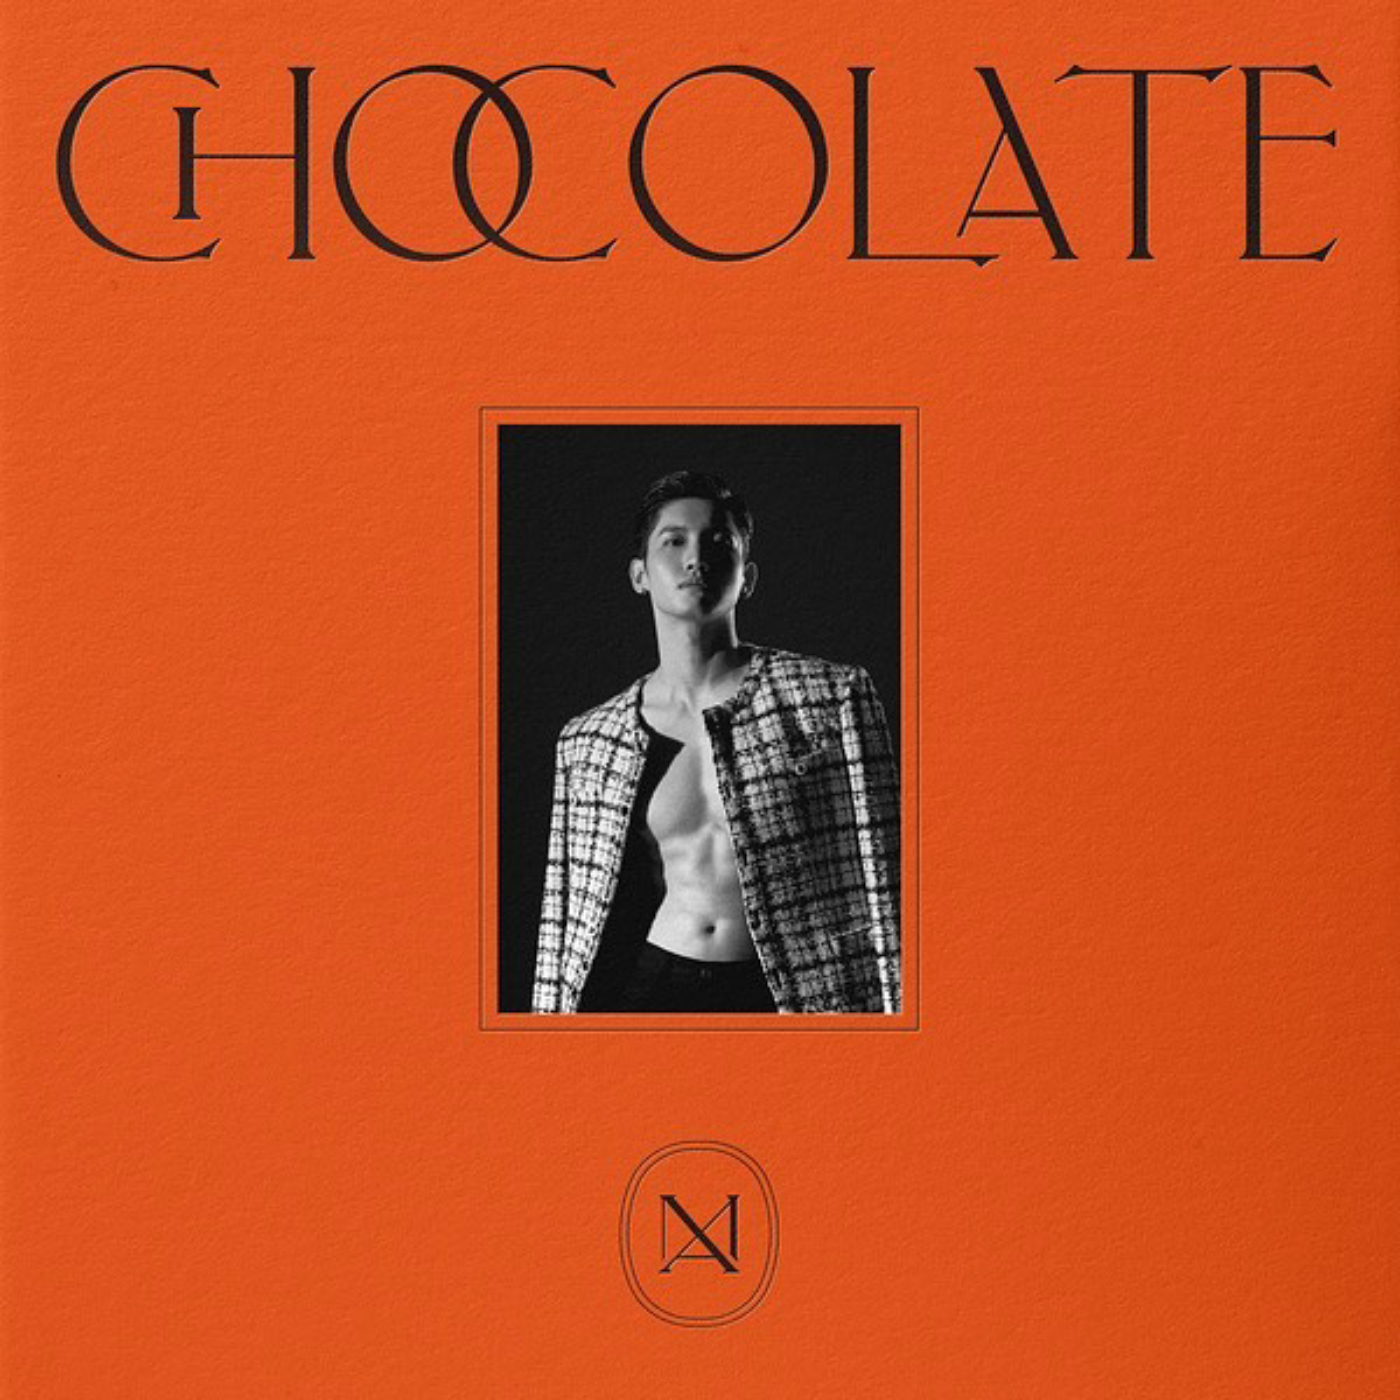 Chocolate (Max)